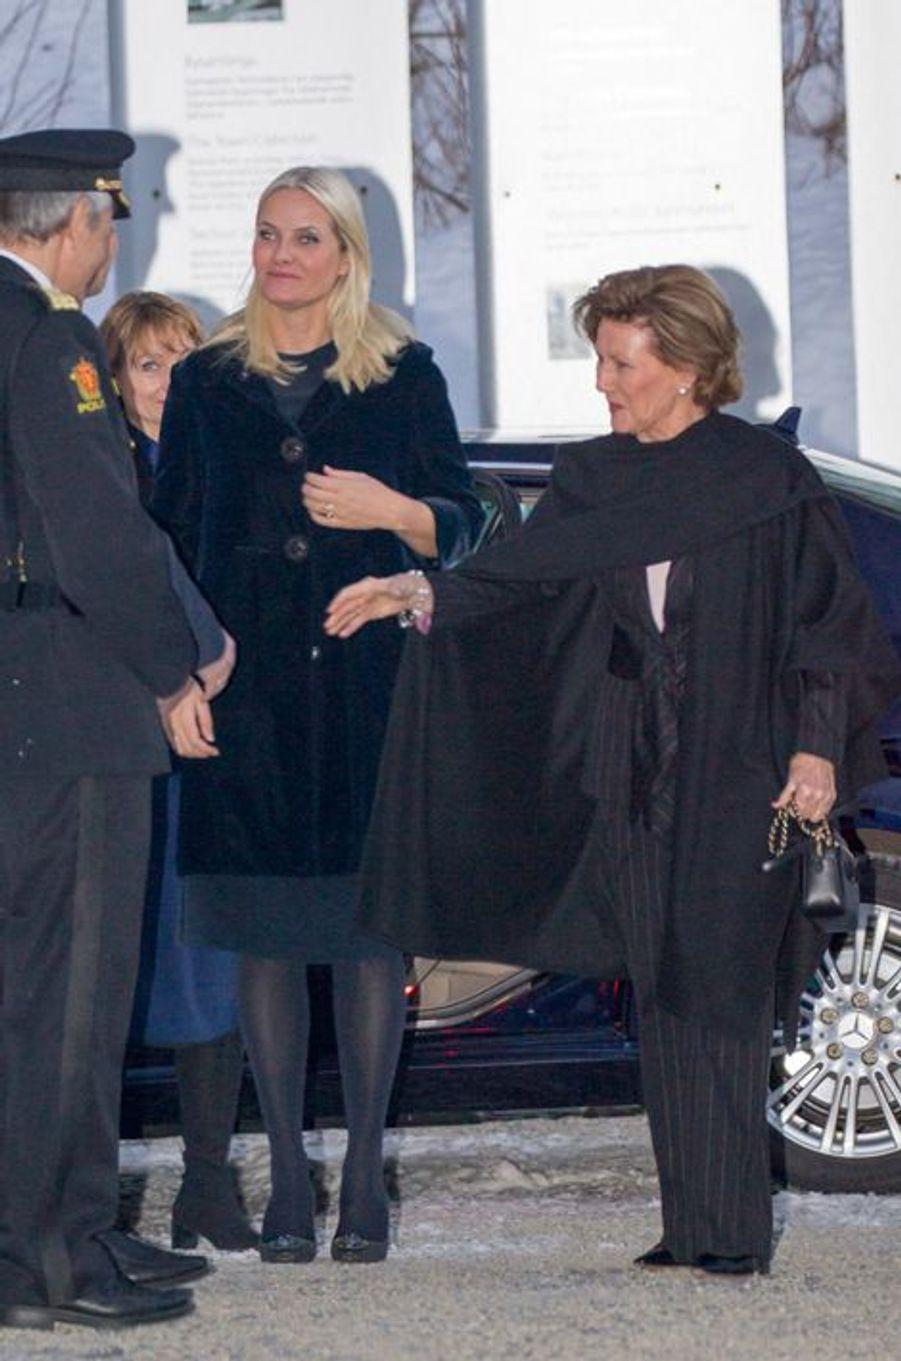 La reine Sonja de Norvège avec la princesse Mette-Marit au Musée olympique norvégien à Lillehammer, le 11 février 2016